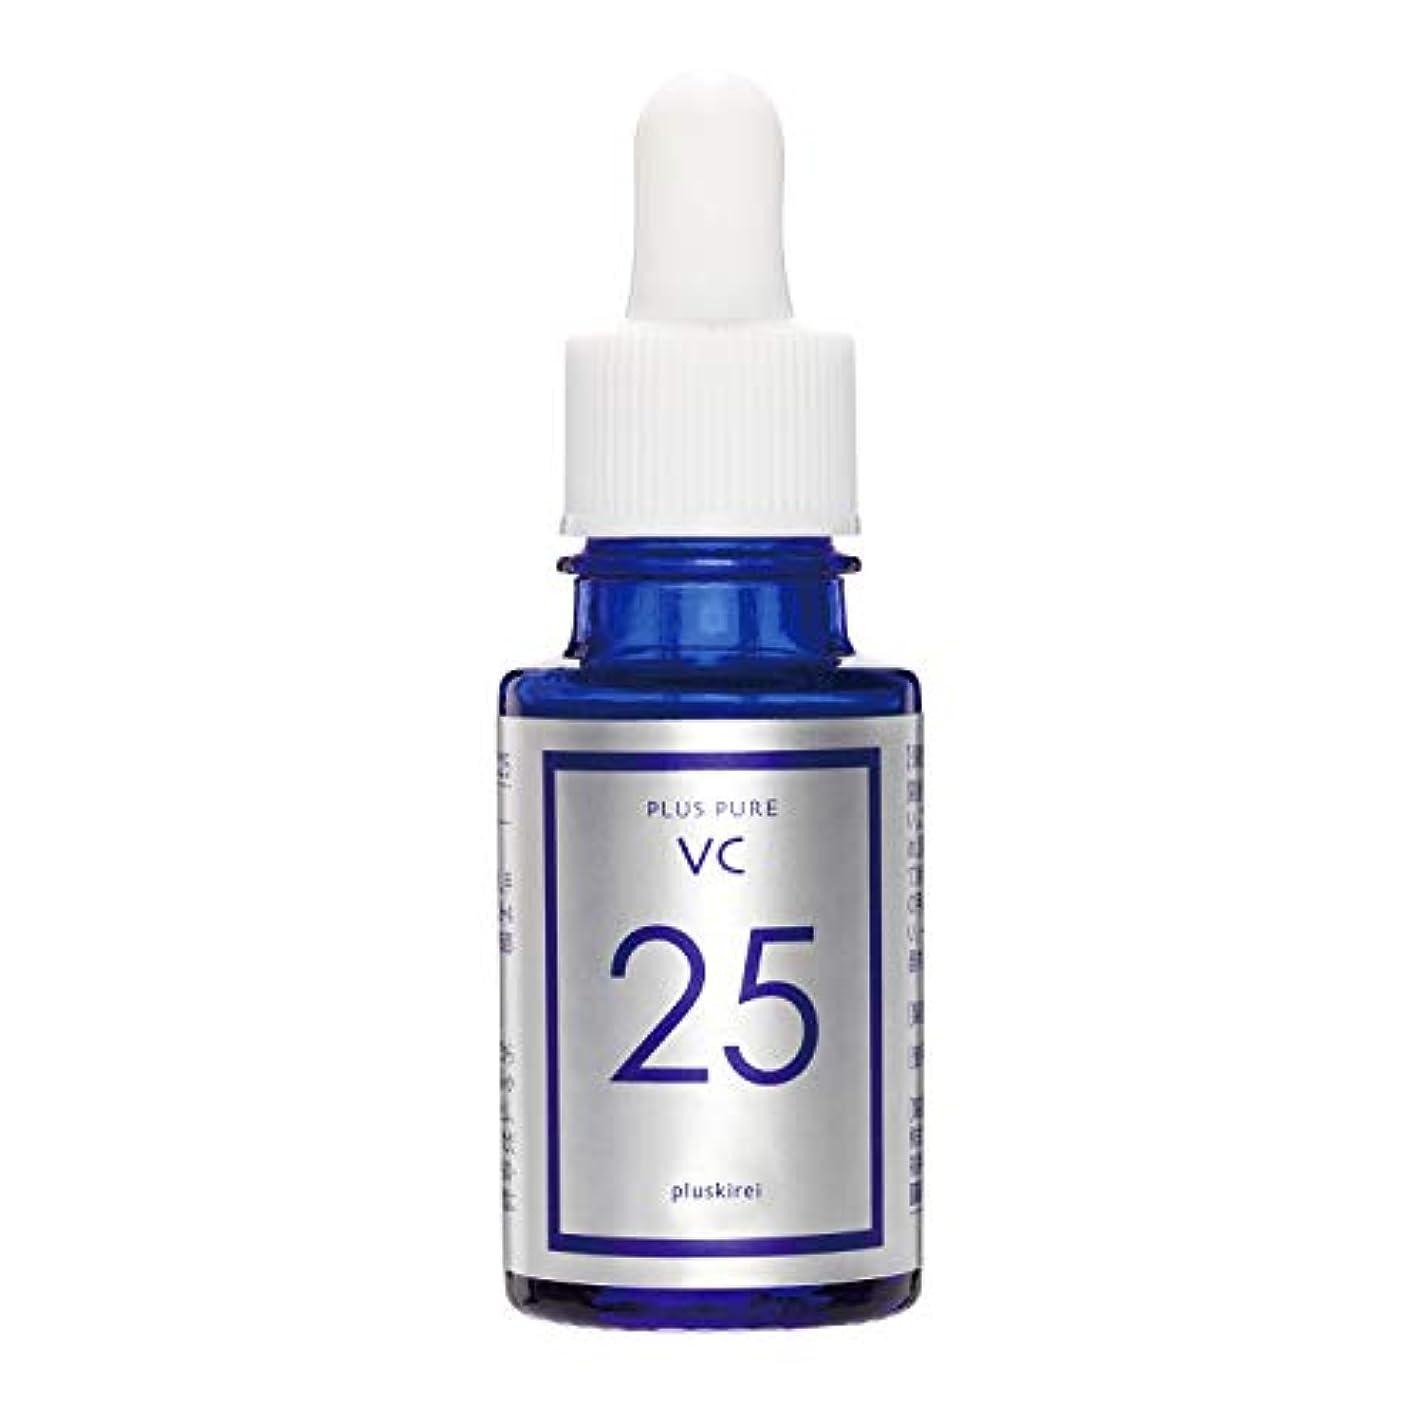 共産主義者私たちのなぜならビタミンC 美容液 プラスキレイ プラスピュアVC25 ピュアビタミンC25%配合 両親媒性美容液 (10mL(約1ケ月分))